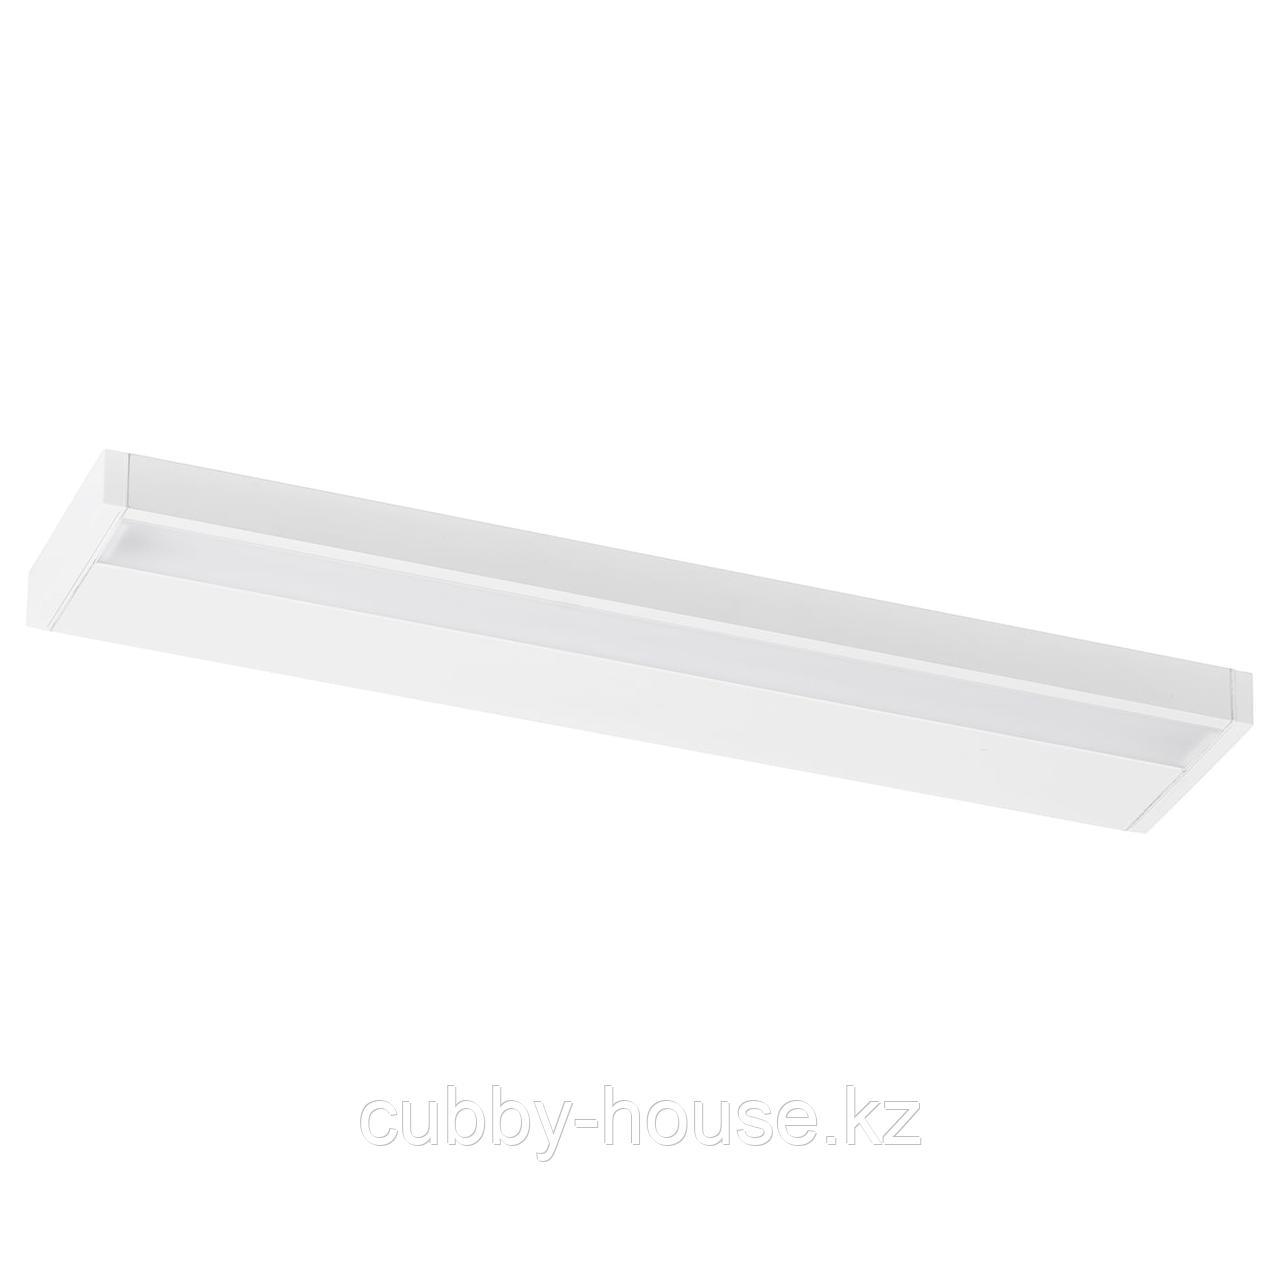 ГОДМОРГОН Светодиодная подсветка шкафа/стены, белый, 60 см